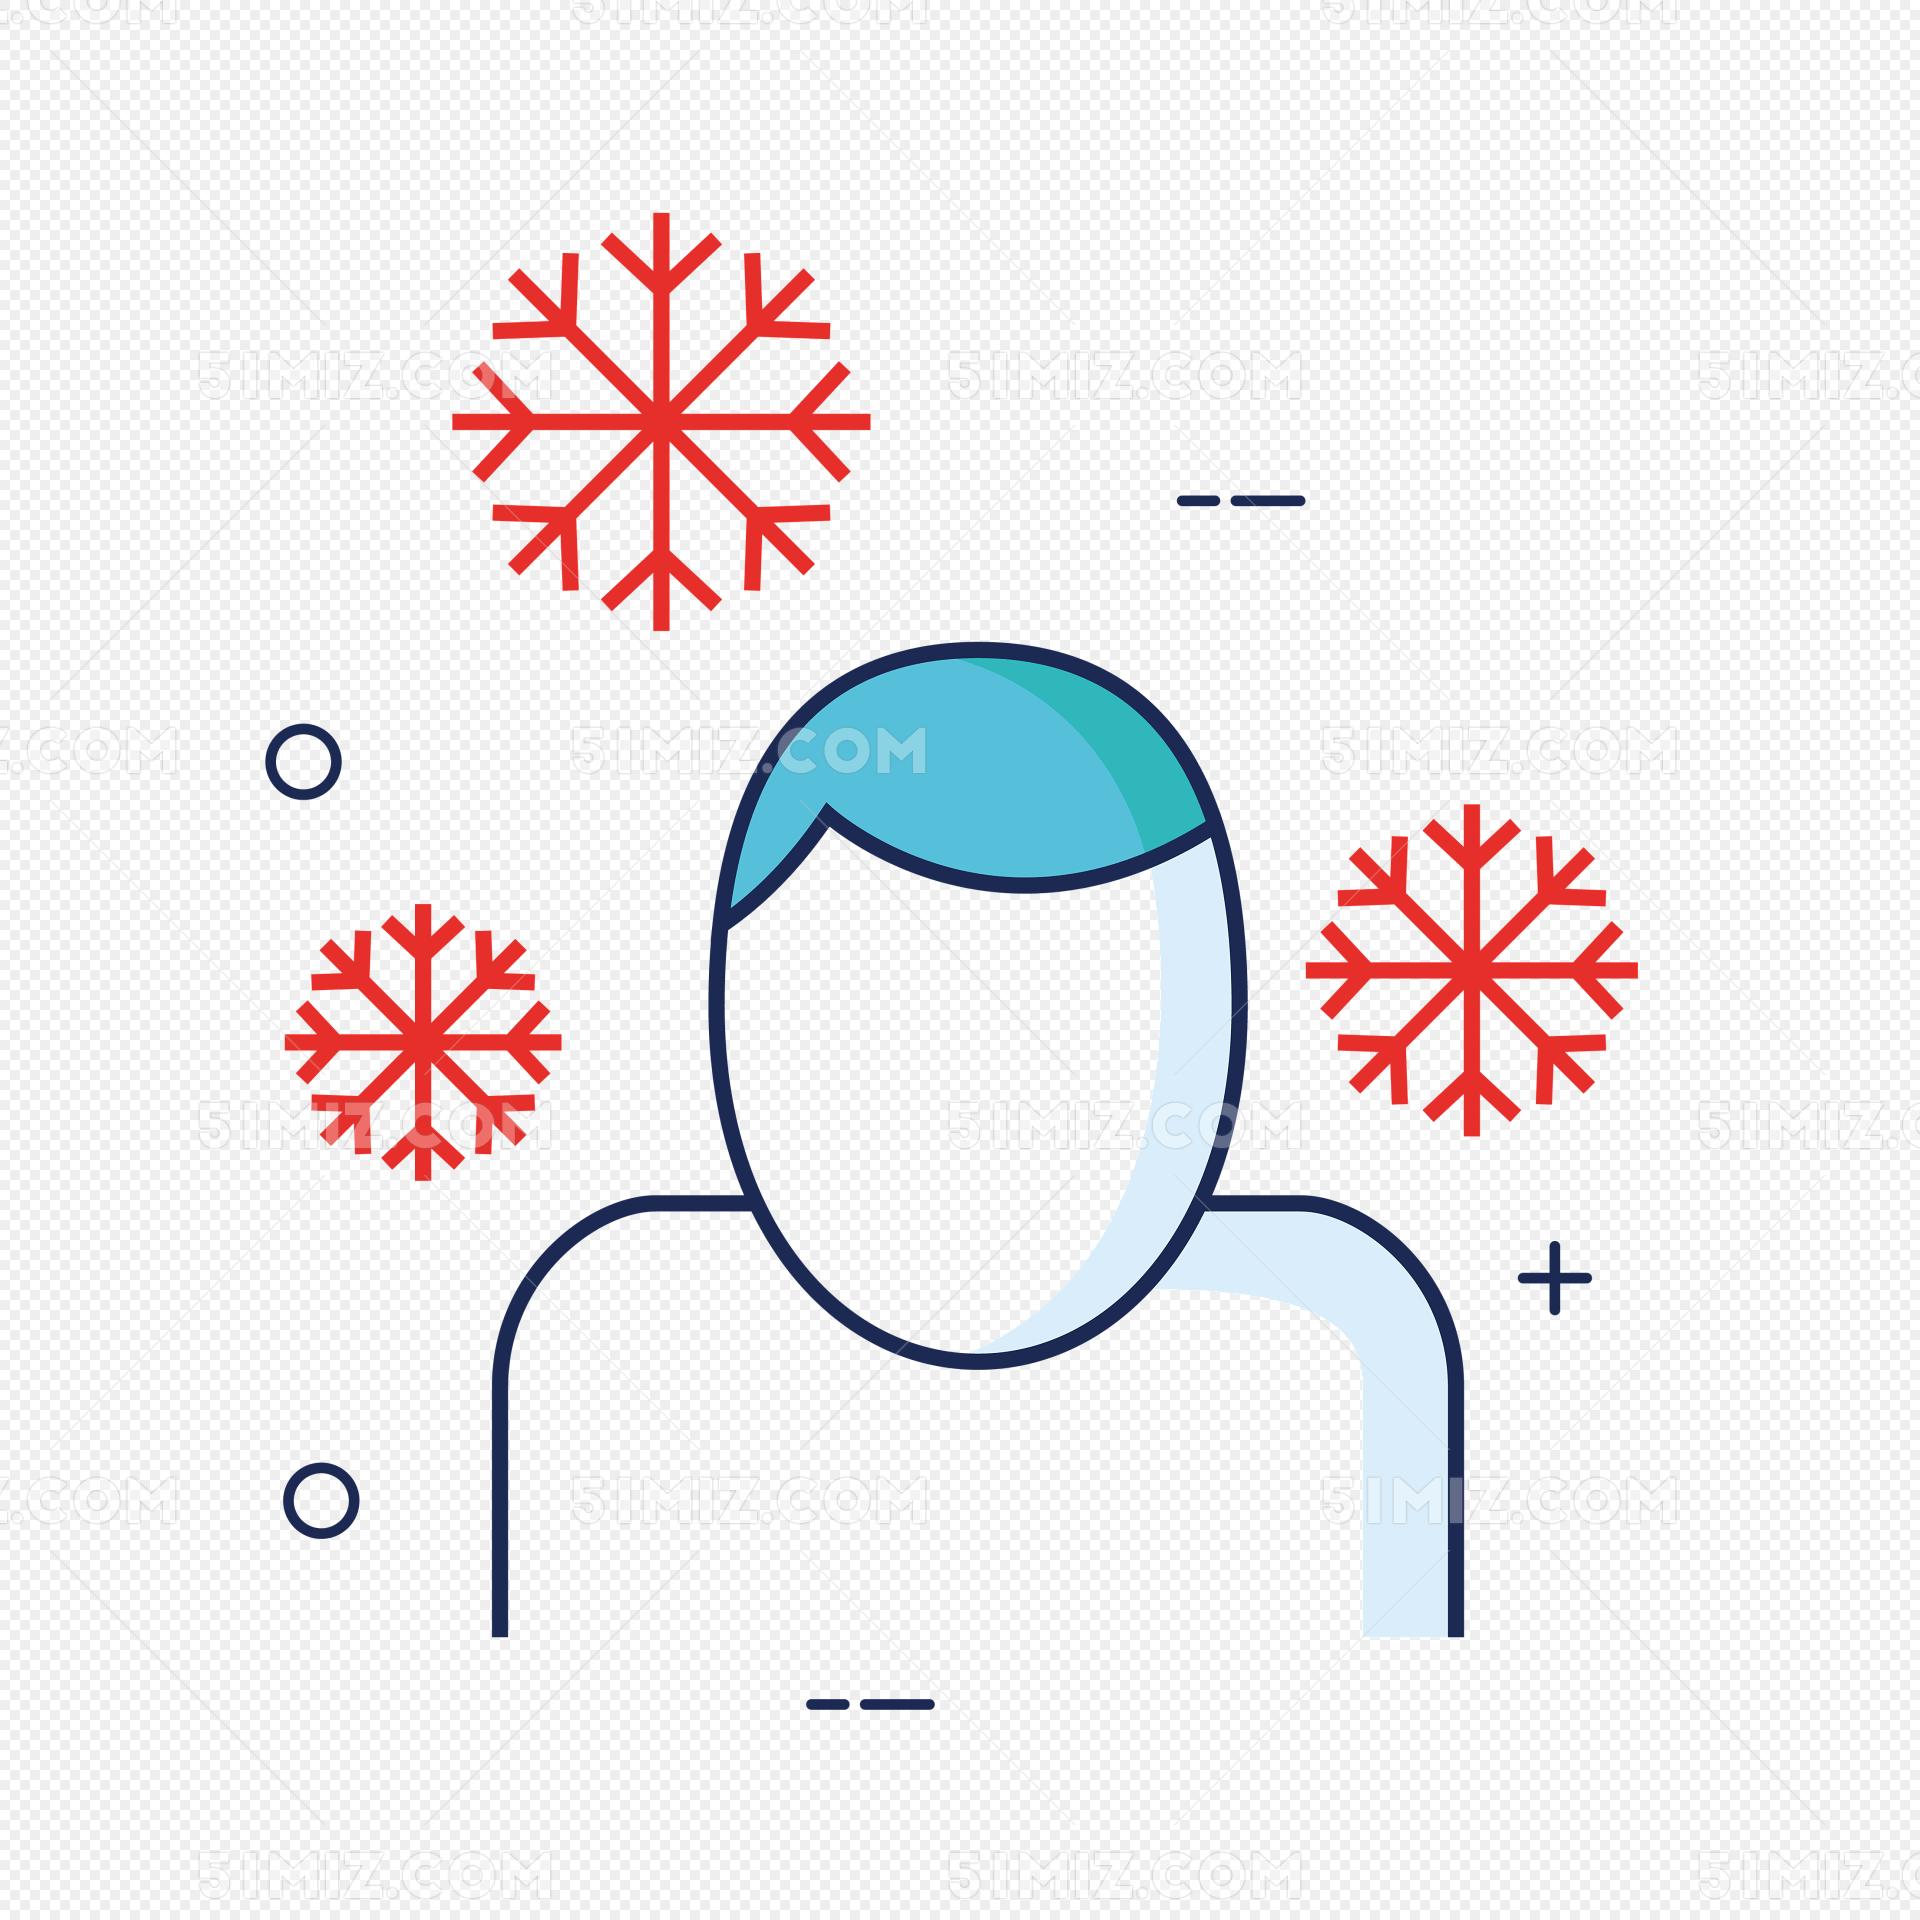 卡通无脸受冻小人图片素材免费下载_觅知网